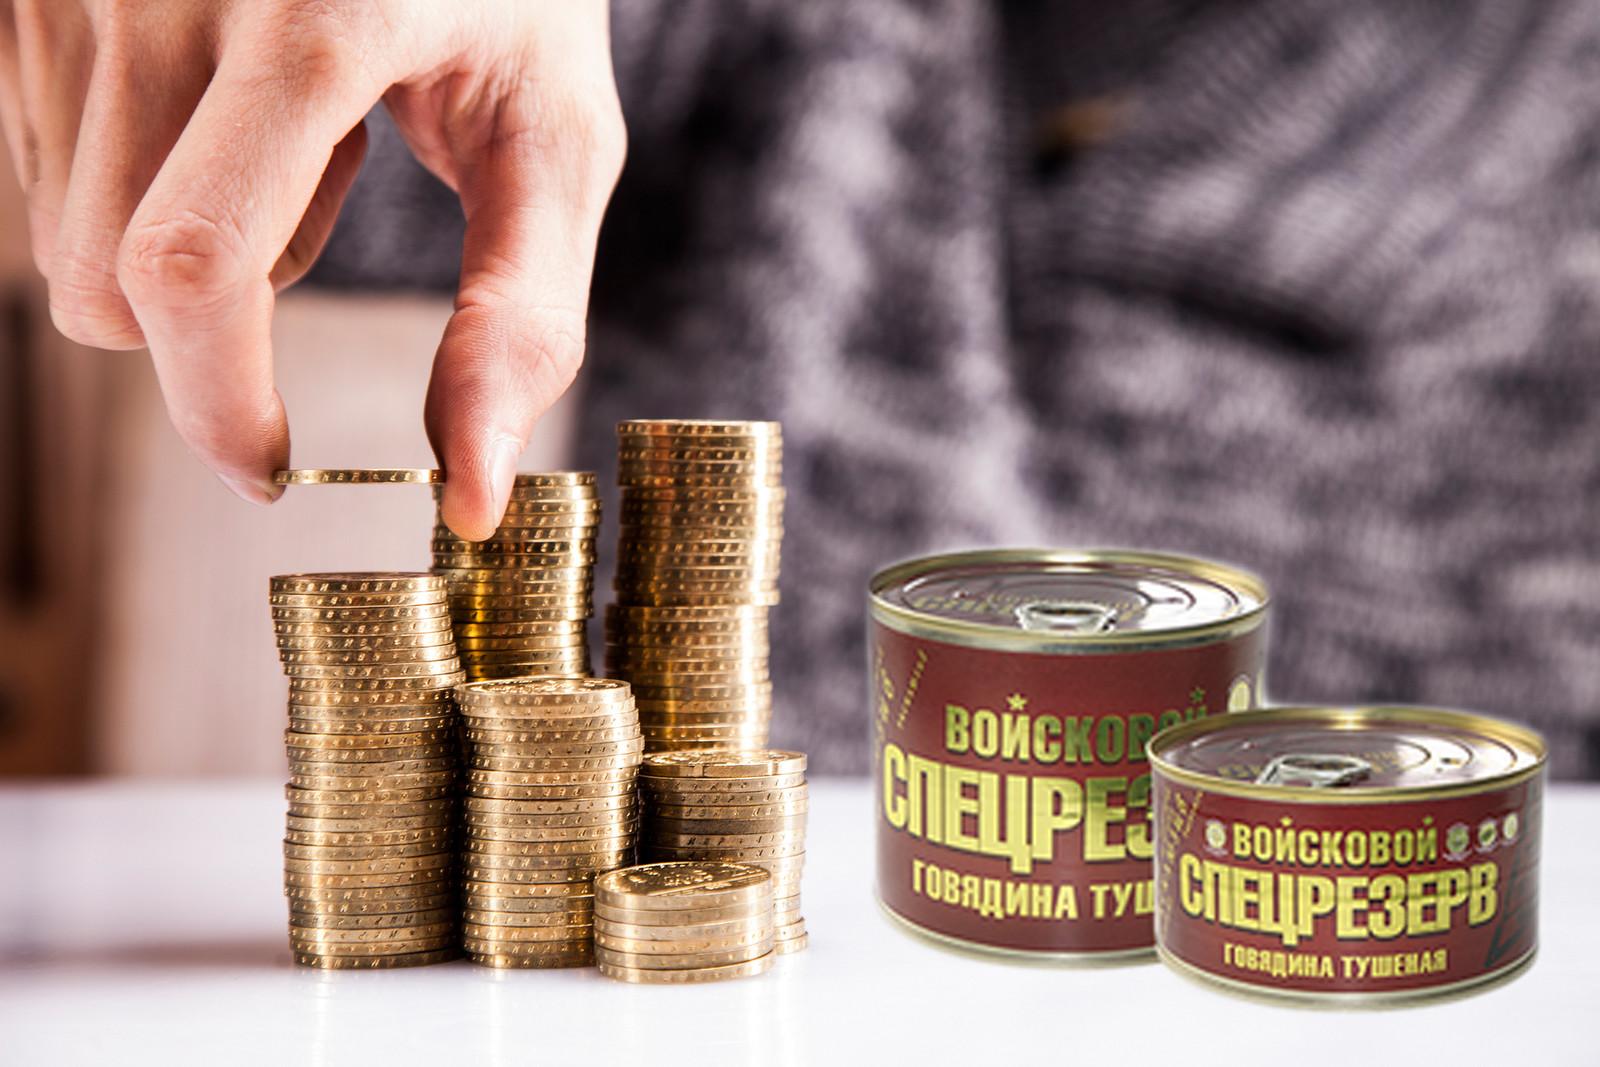 Тушенка по отзывам покупателей – выгодно купить тушенку в Москве